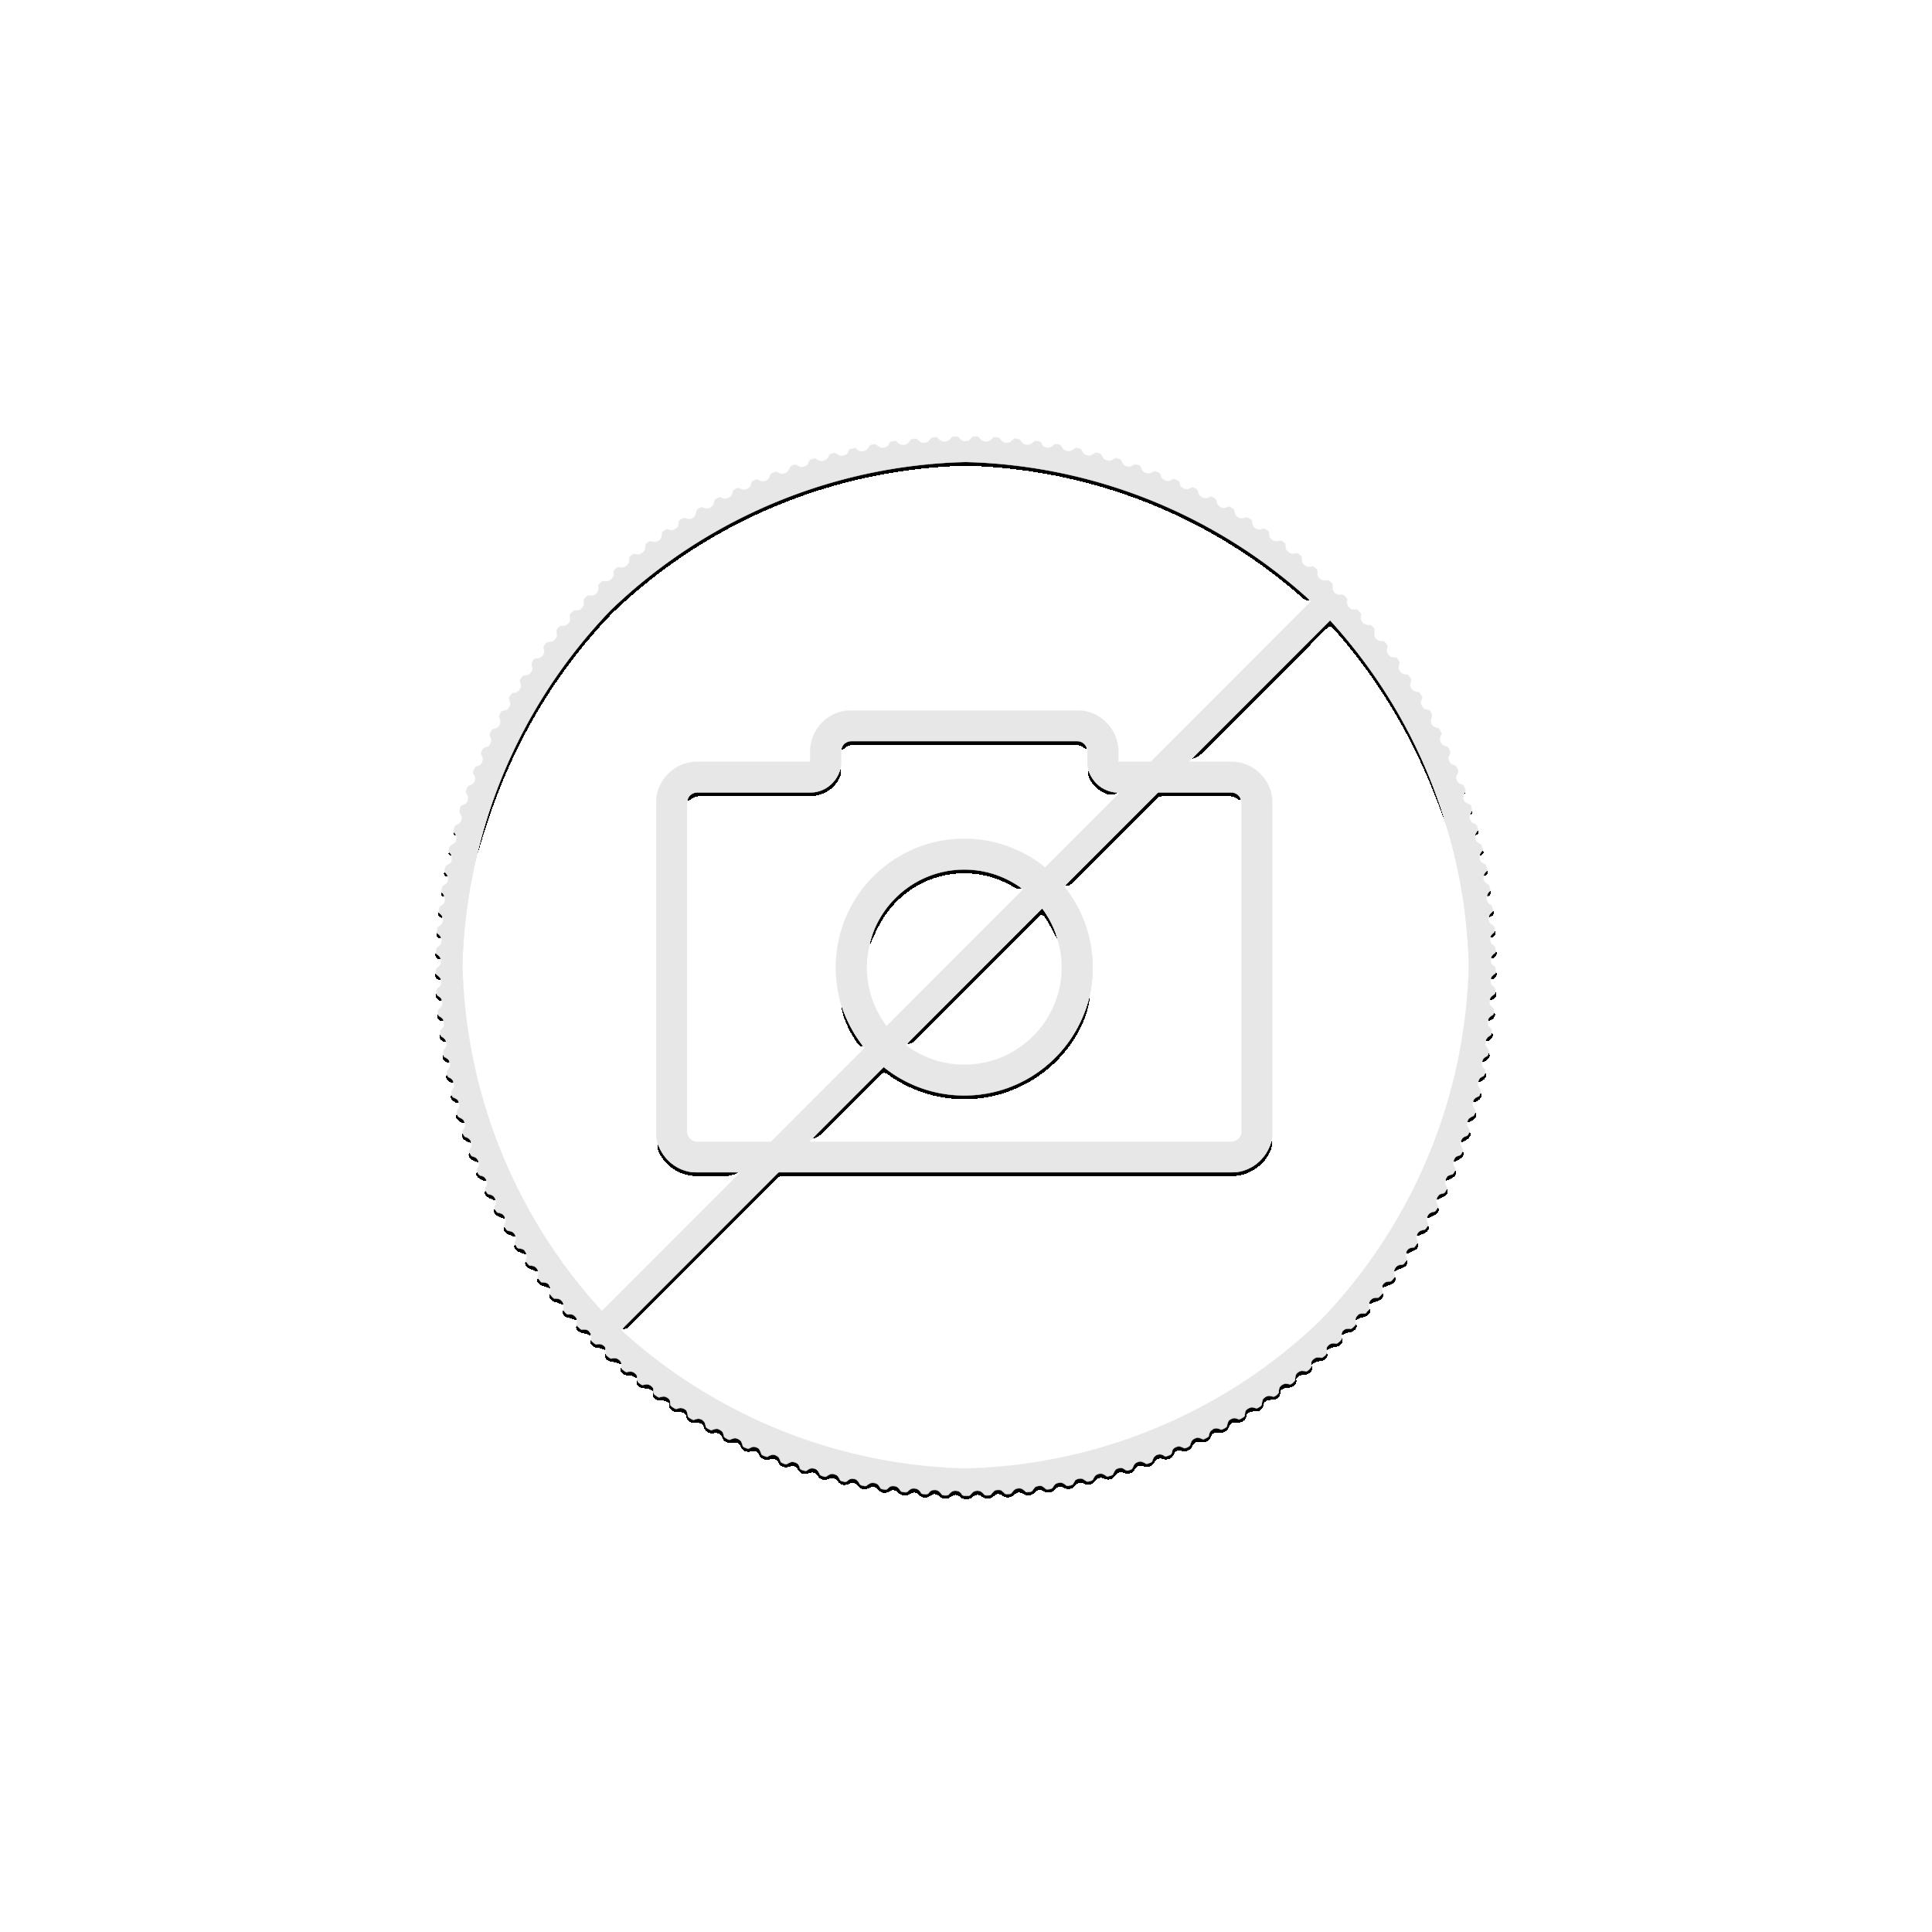 2012 - Silver coin Kookaburra 1 troy ounce